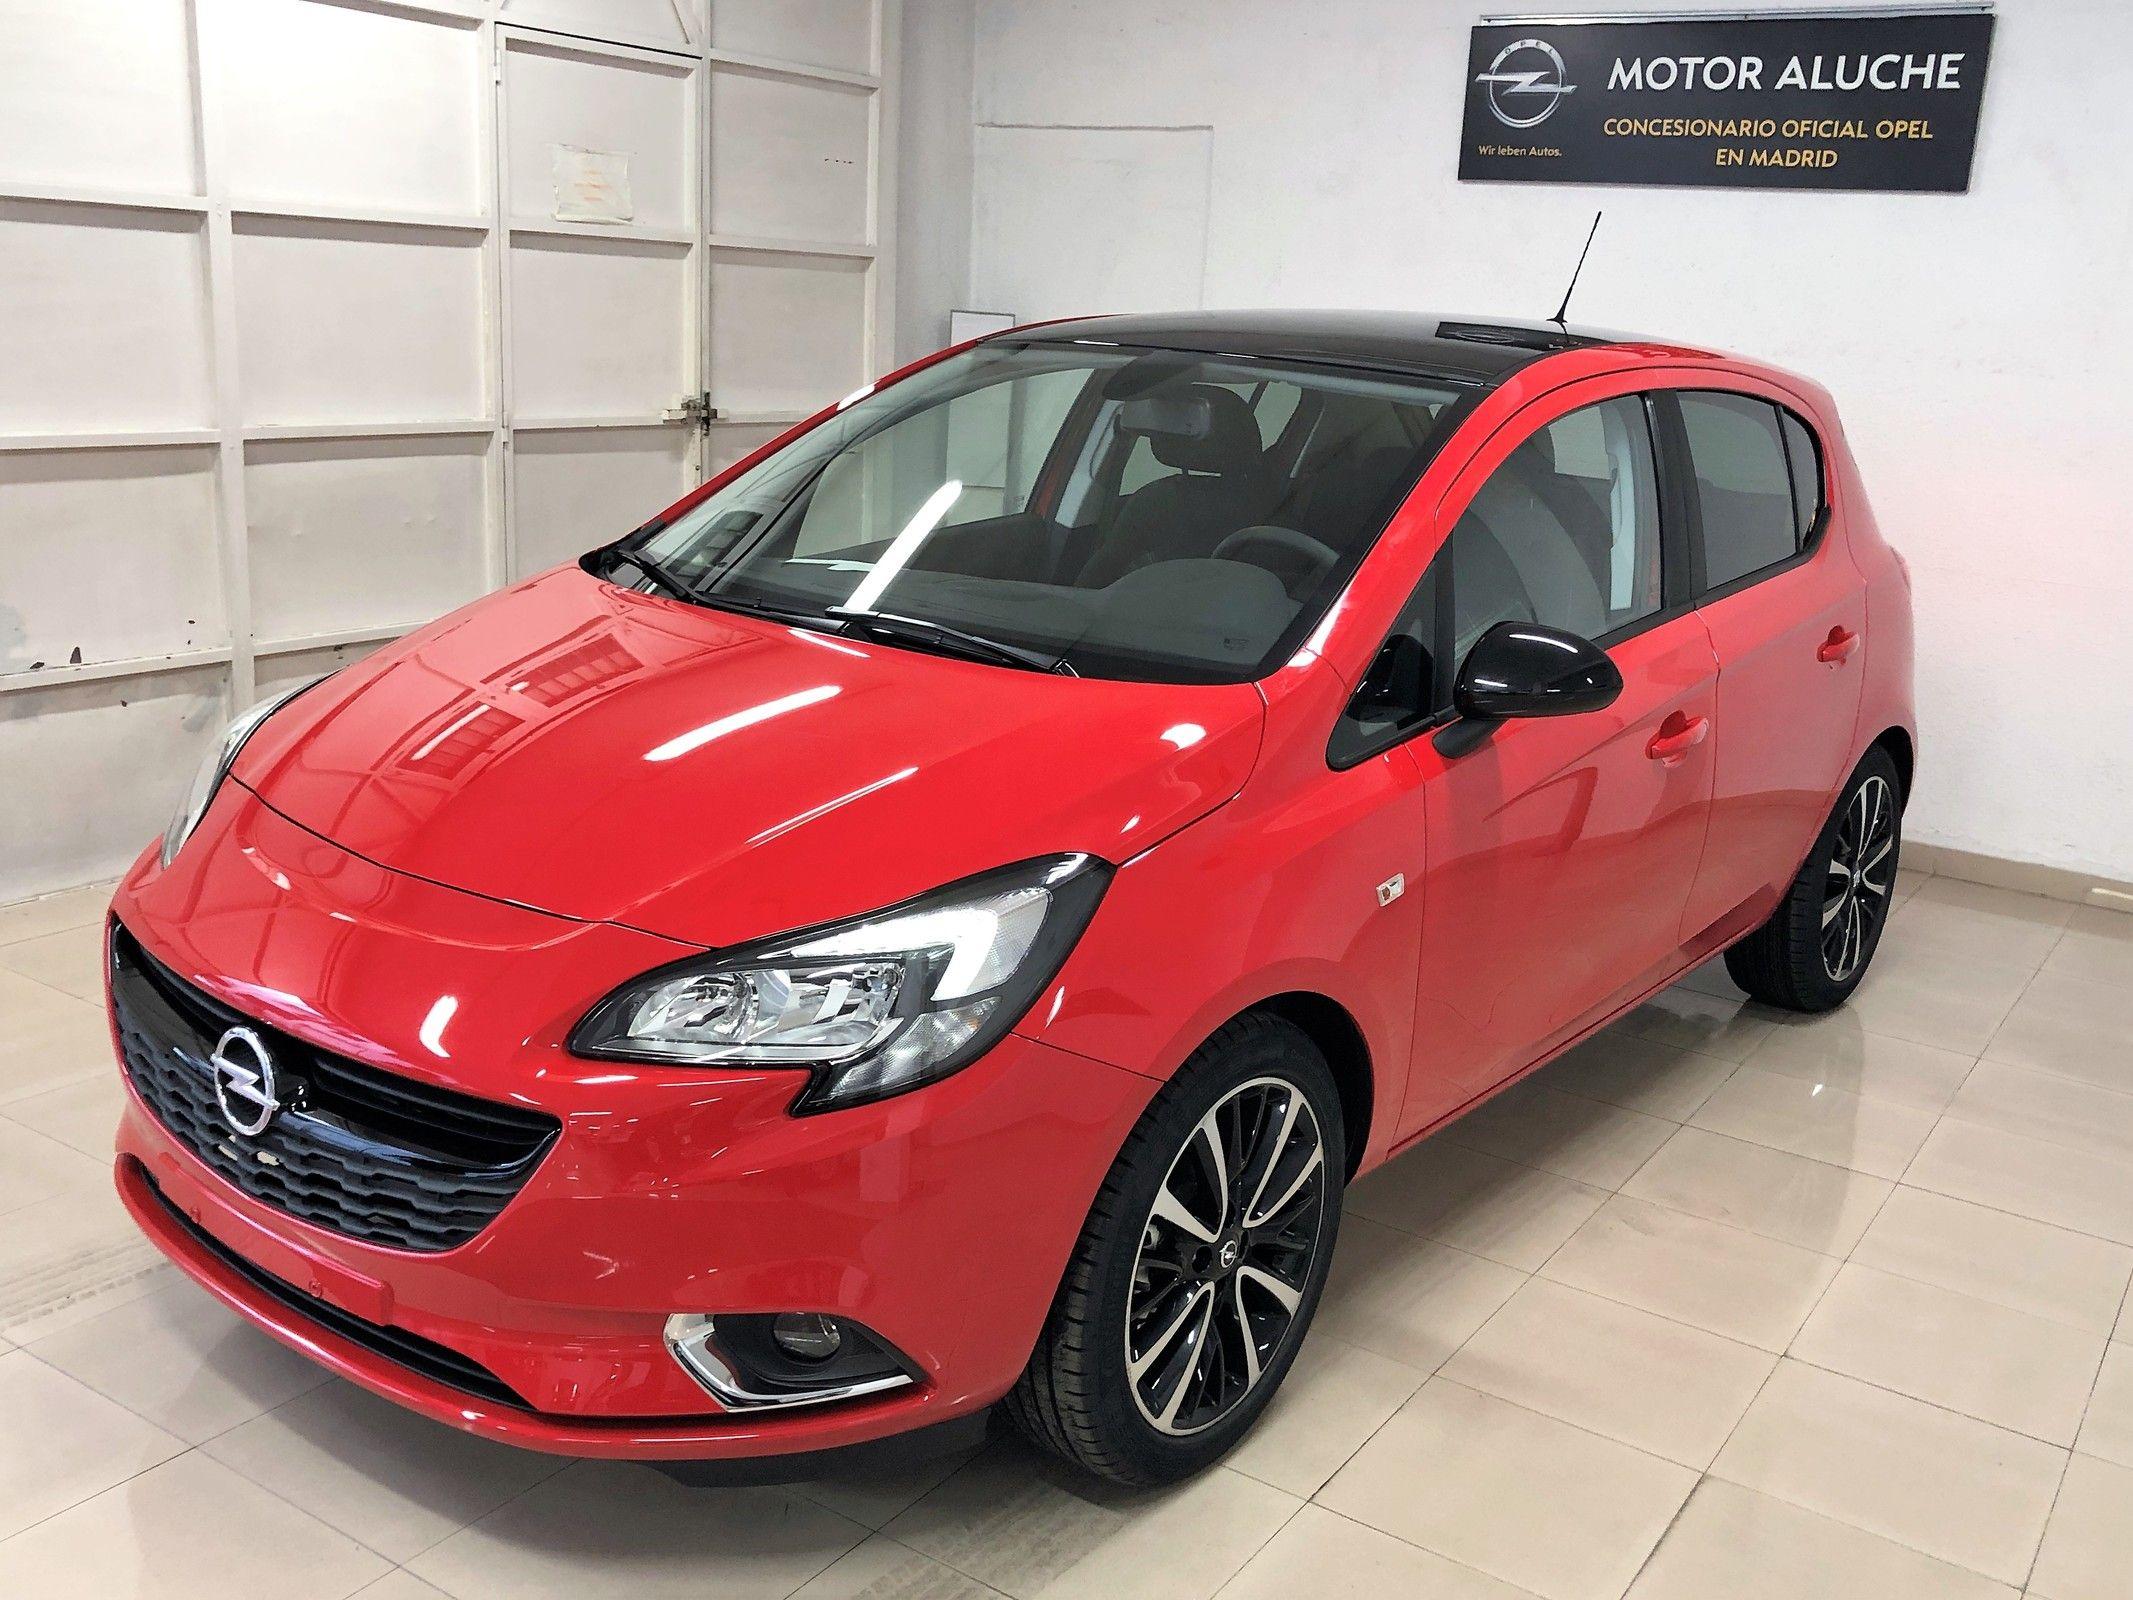 Opel Corsa 5P Design Line 1.4 (90CV)  desde 11.350€